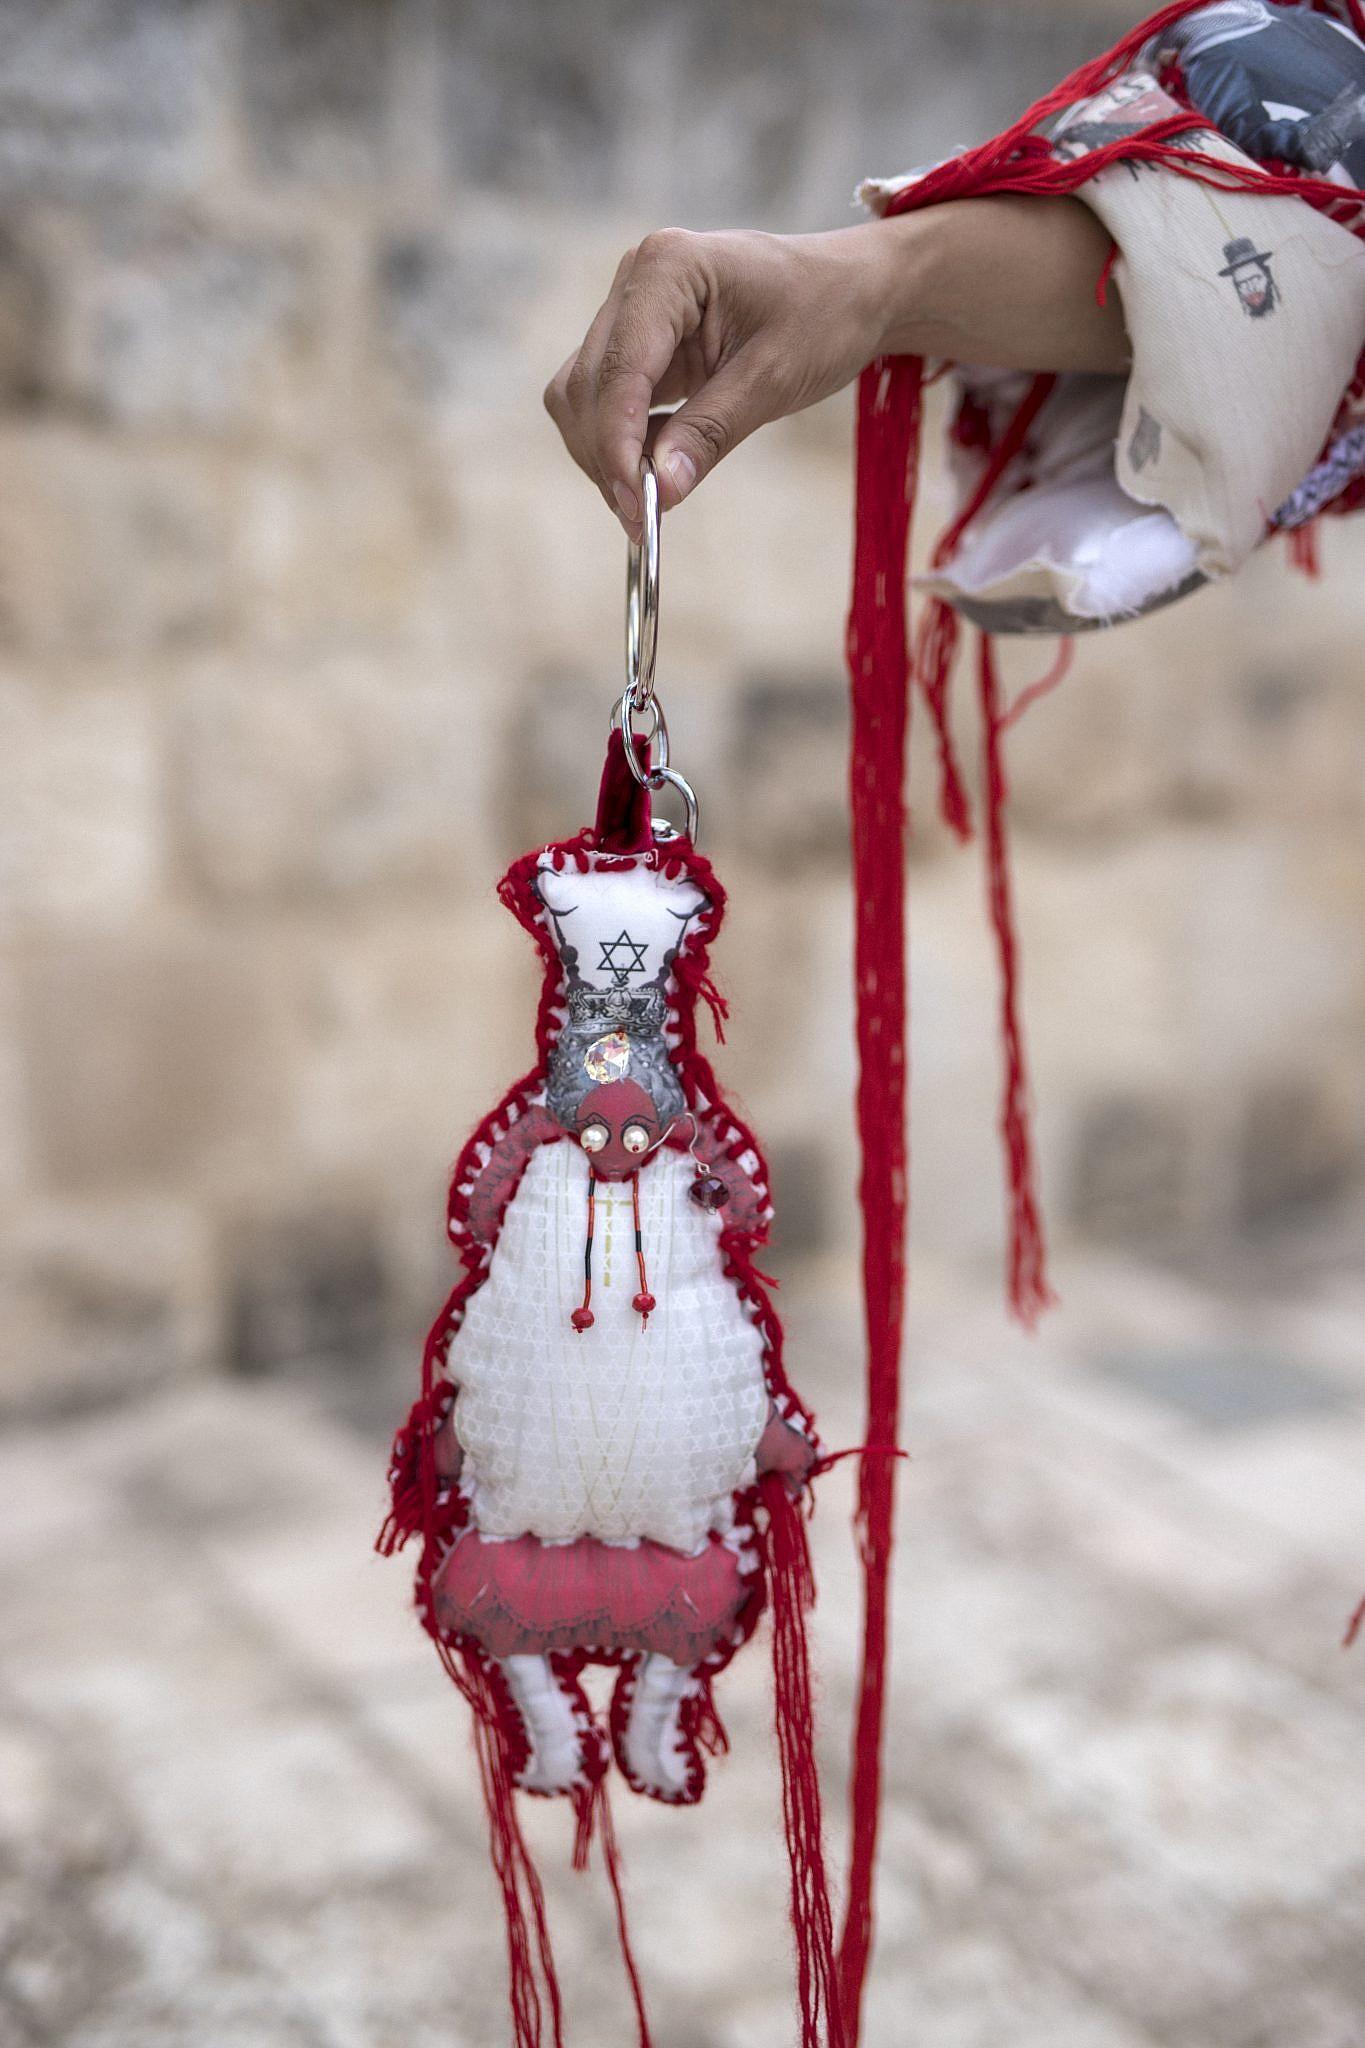 בובות דת, היצירה של שלומית עמר ואהרון גניש. צילום: ריקי רחמן